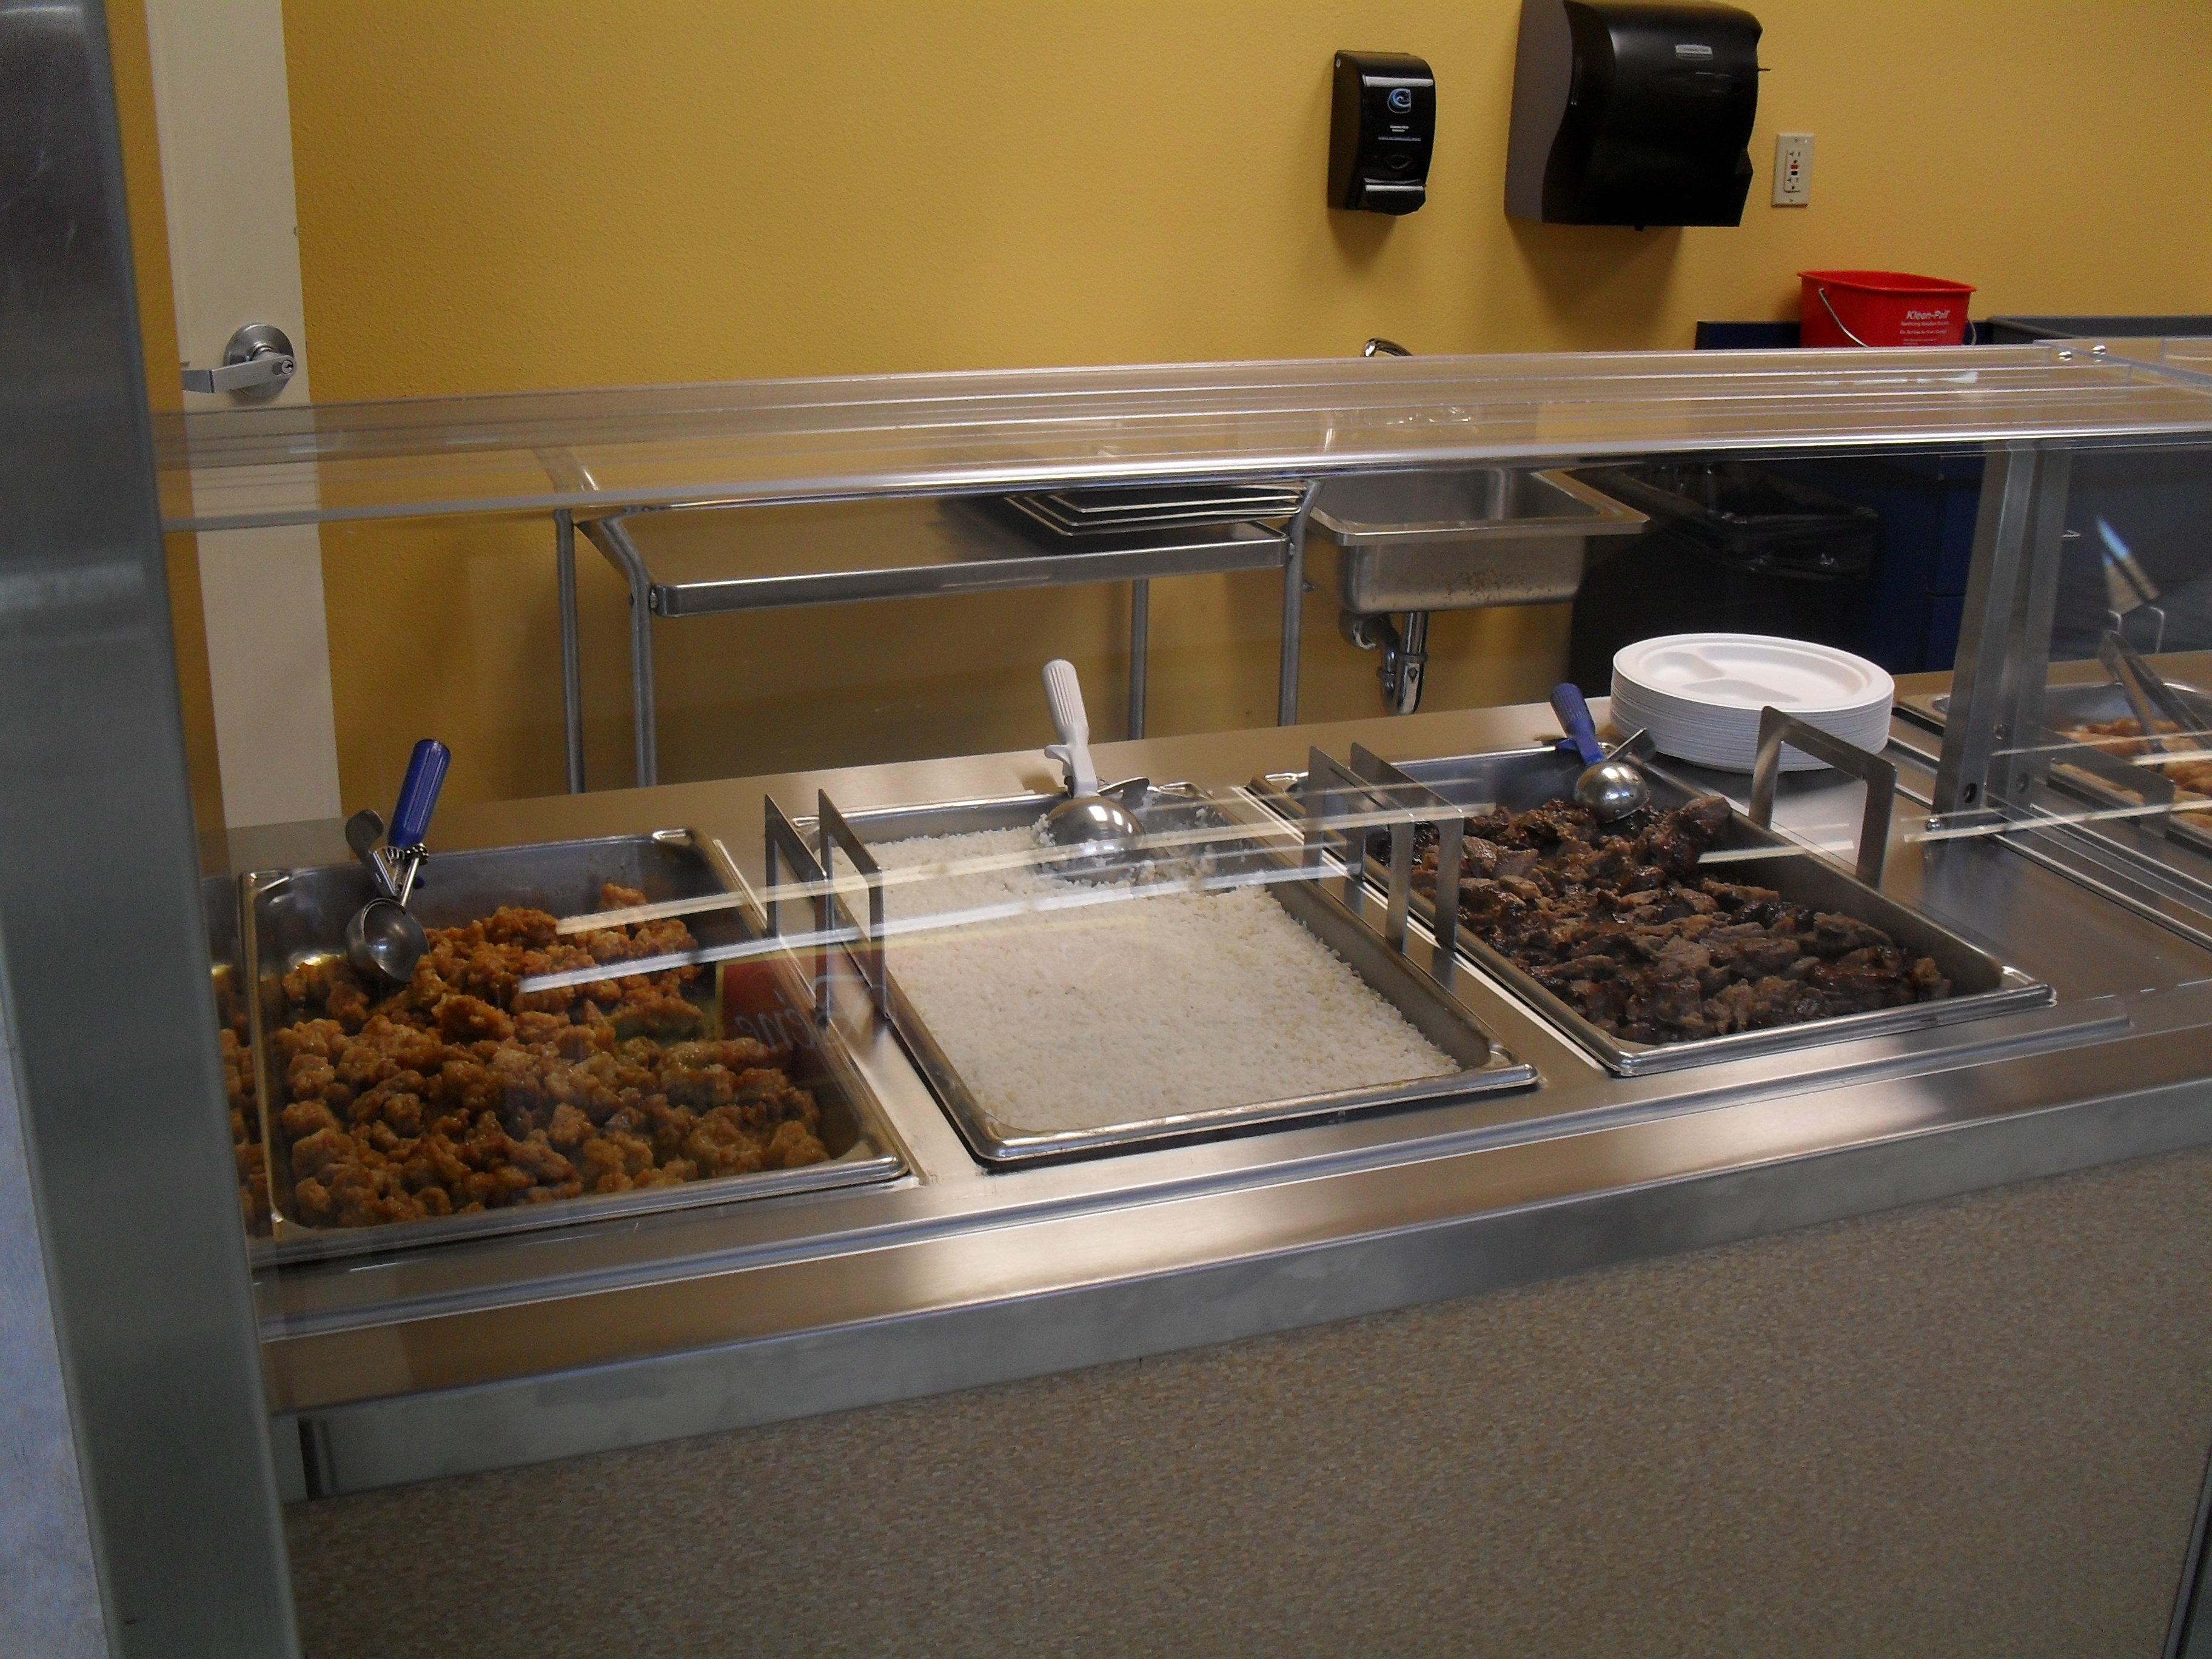 100 kitchen steam table best stainless steel steam table for Jual kitchen set stainless steel